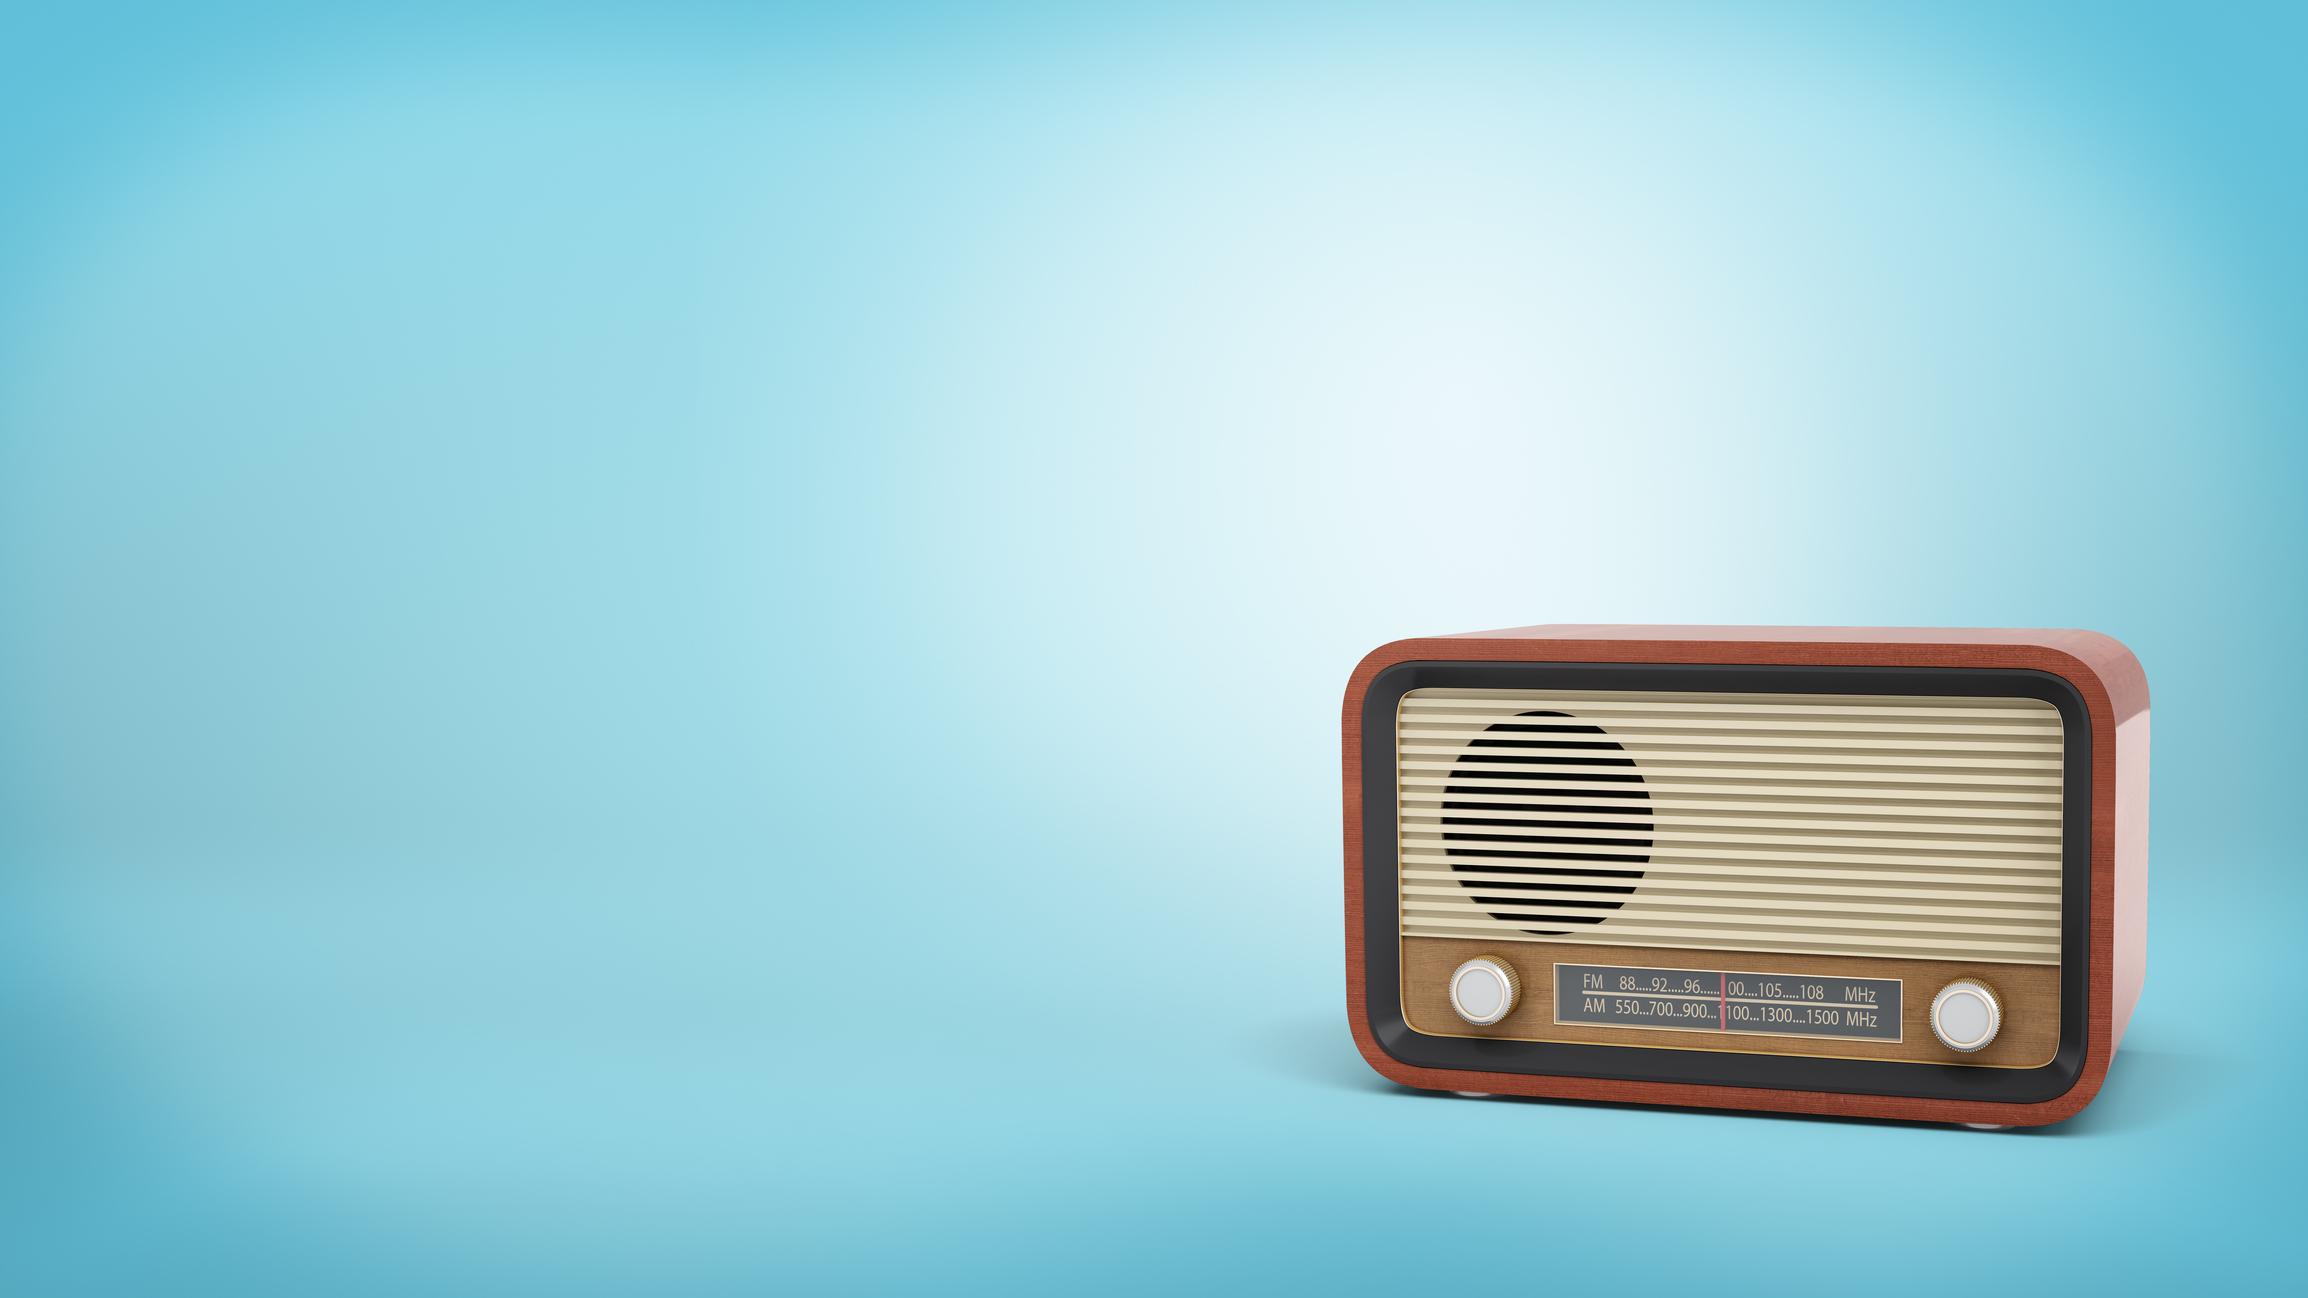 Choix d'une radio portable